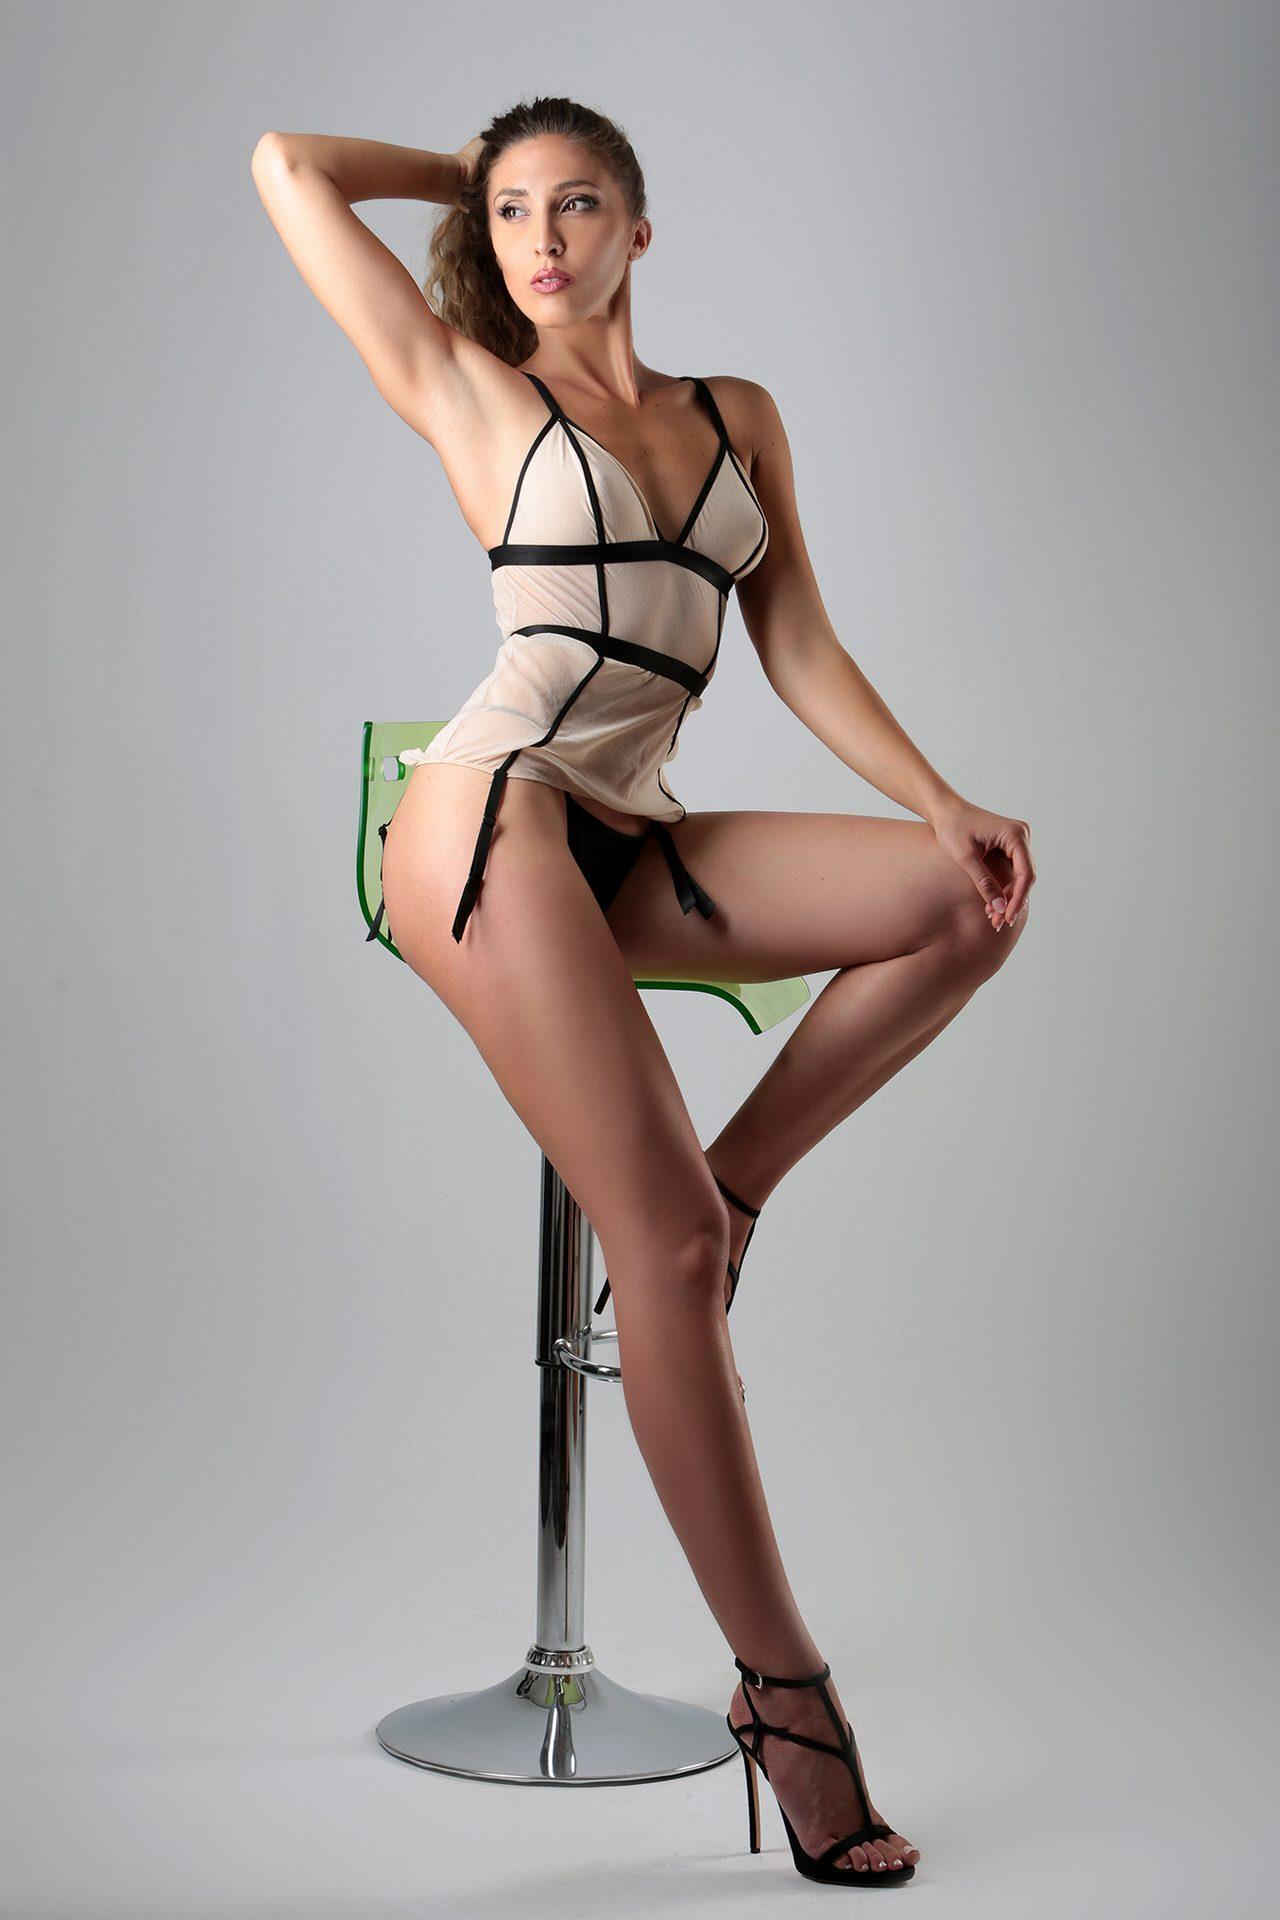 VENUS Gallery - Celeste Silvestro Model